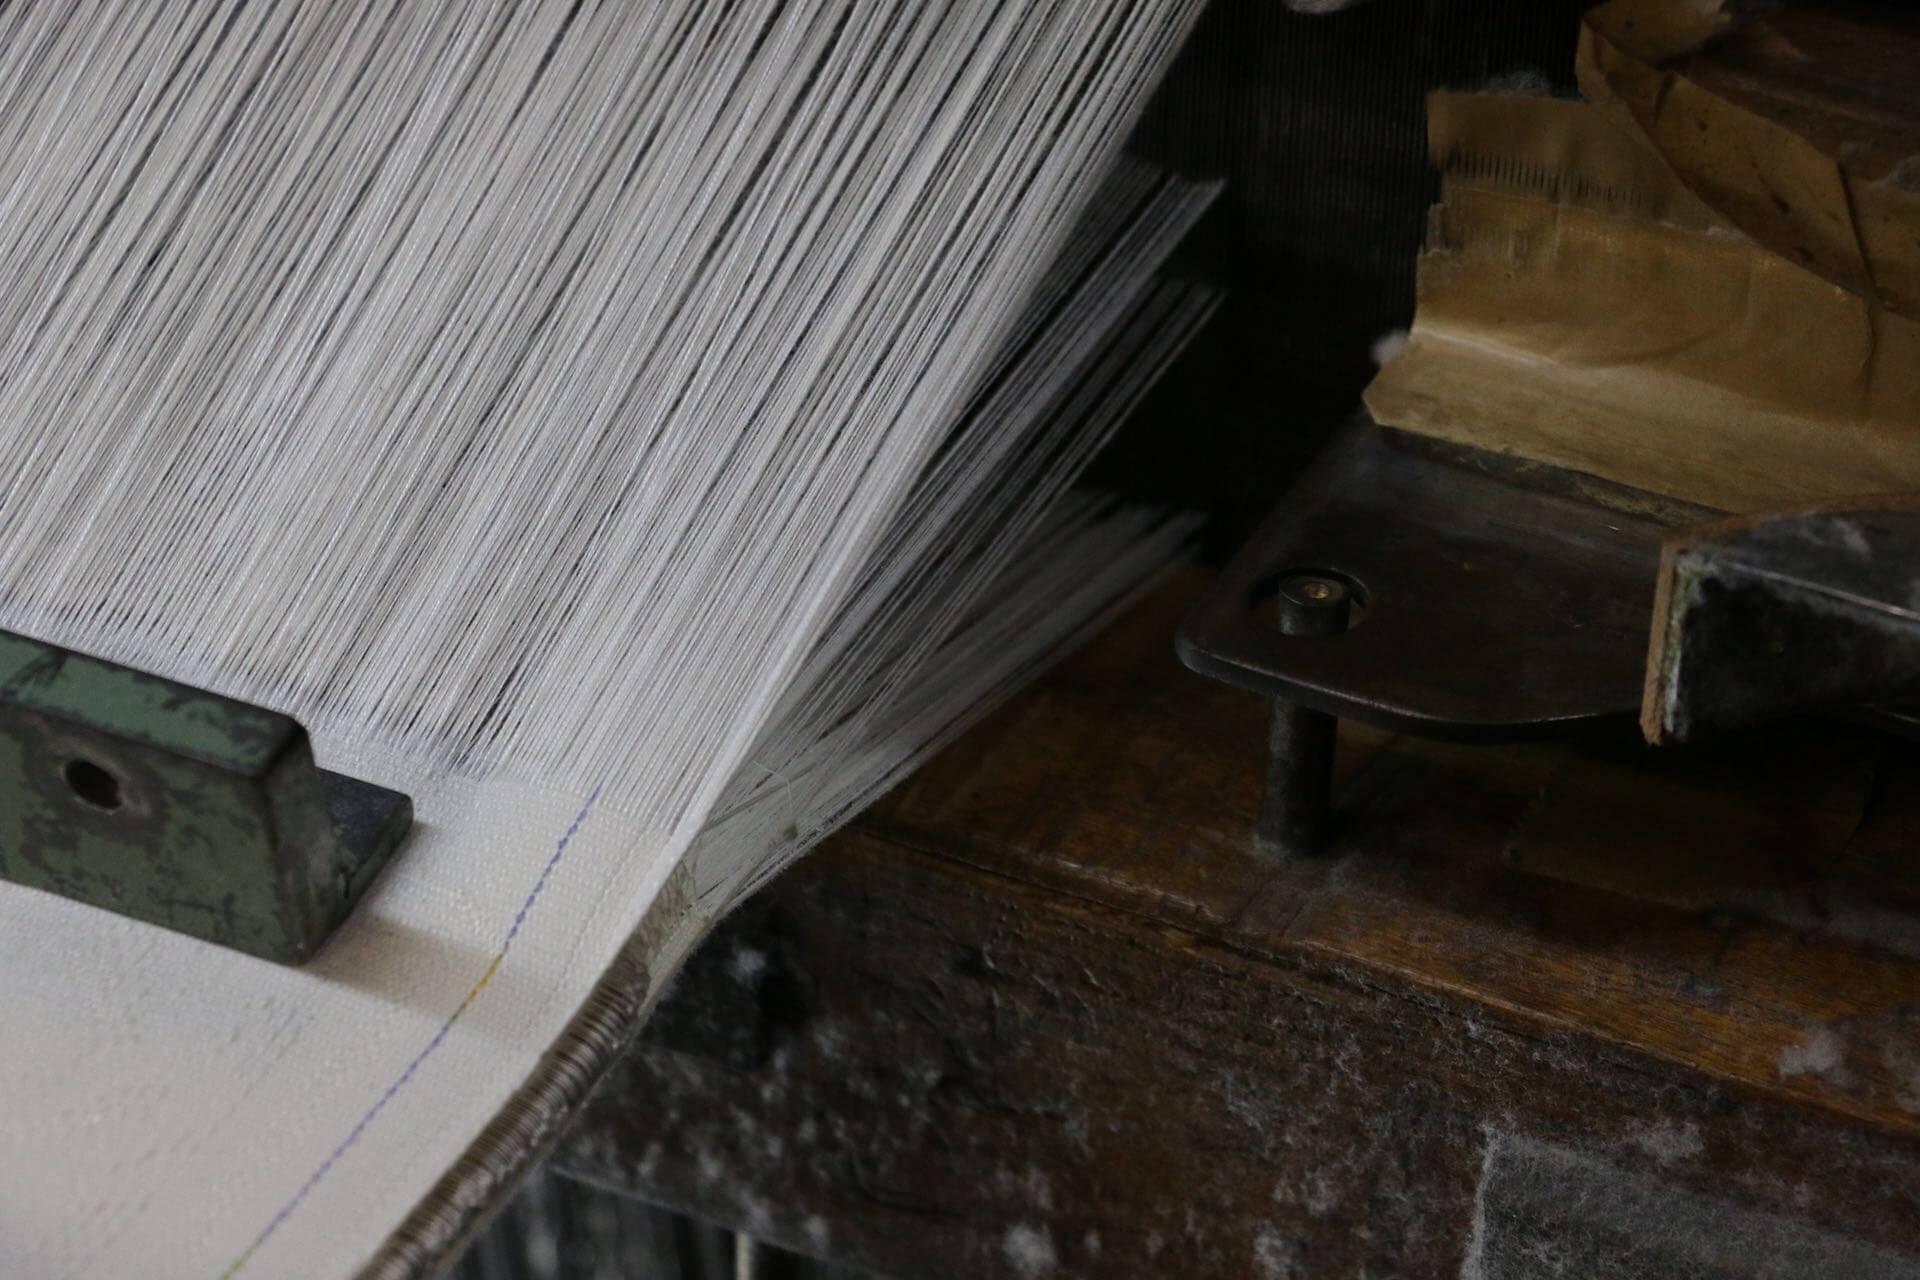 集められていたのは、生地のタテ糸。ここに横糸を走らせて、パイル織物の基礎となる生地が作られます